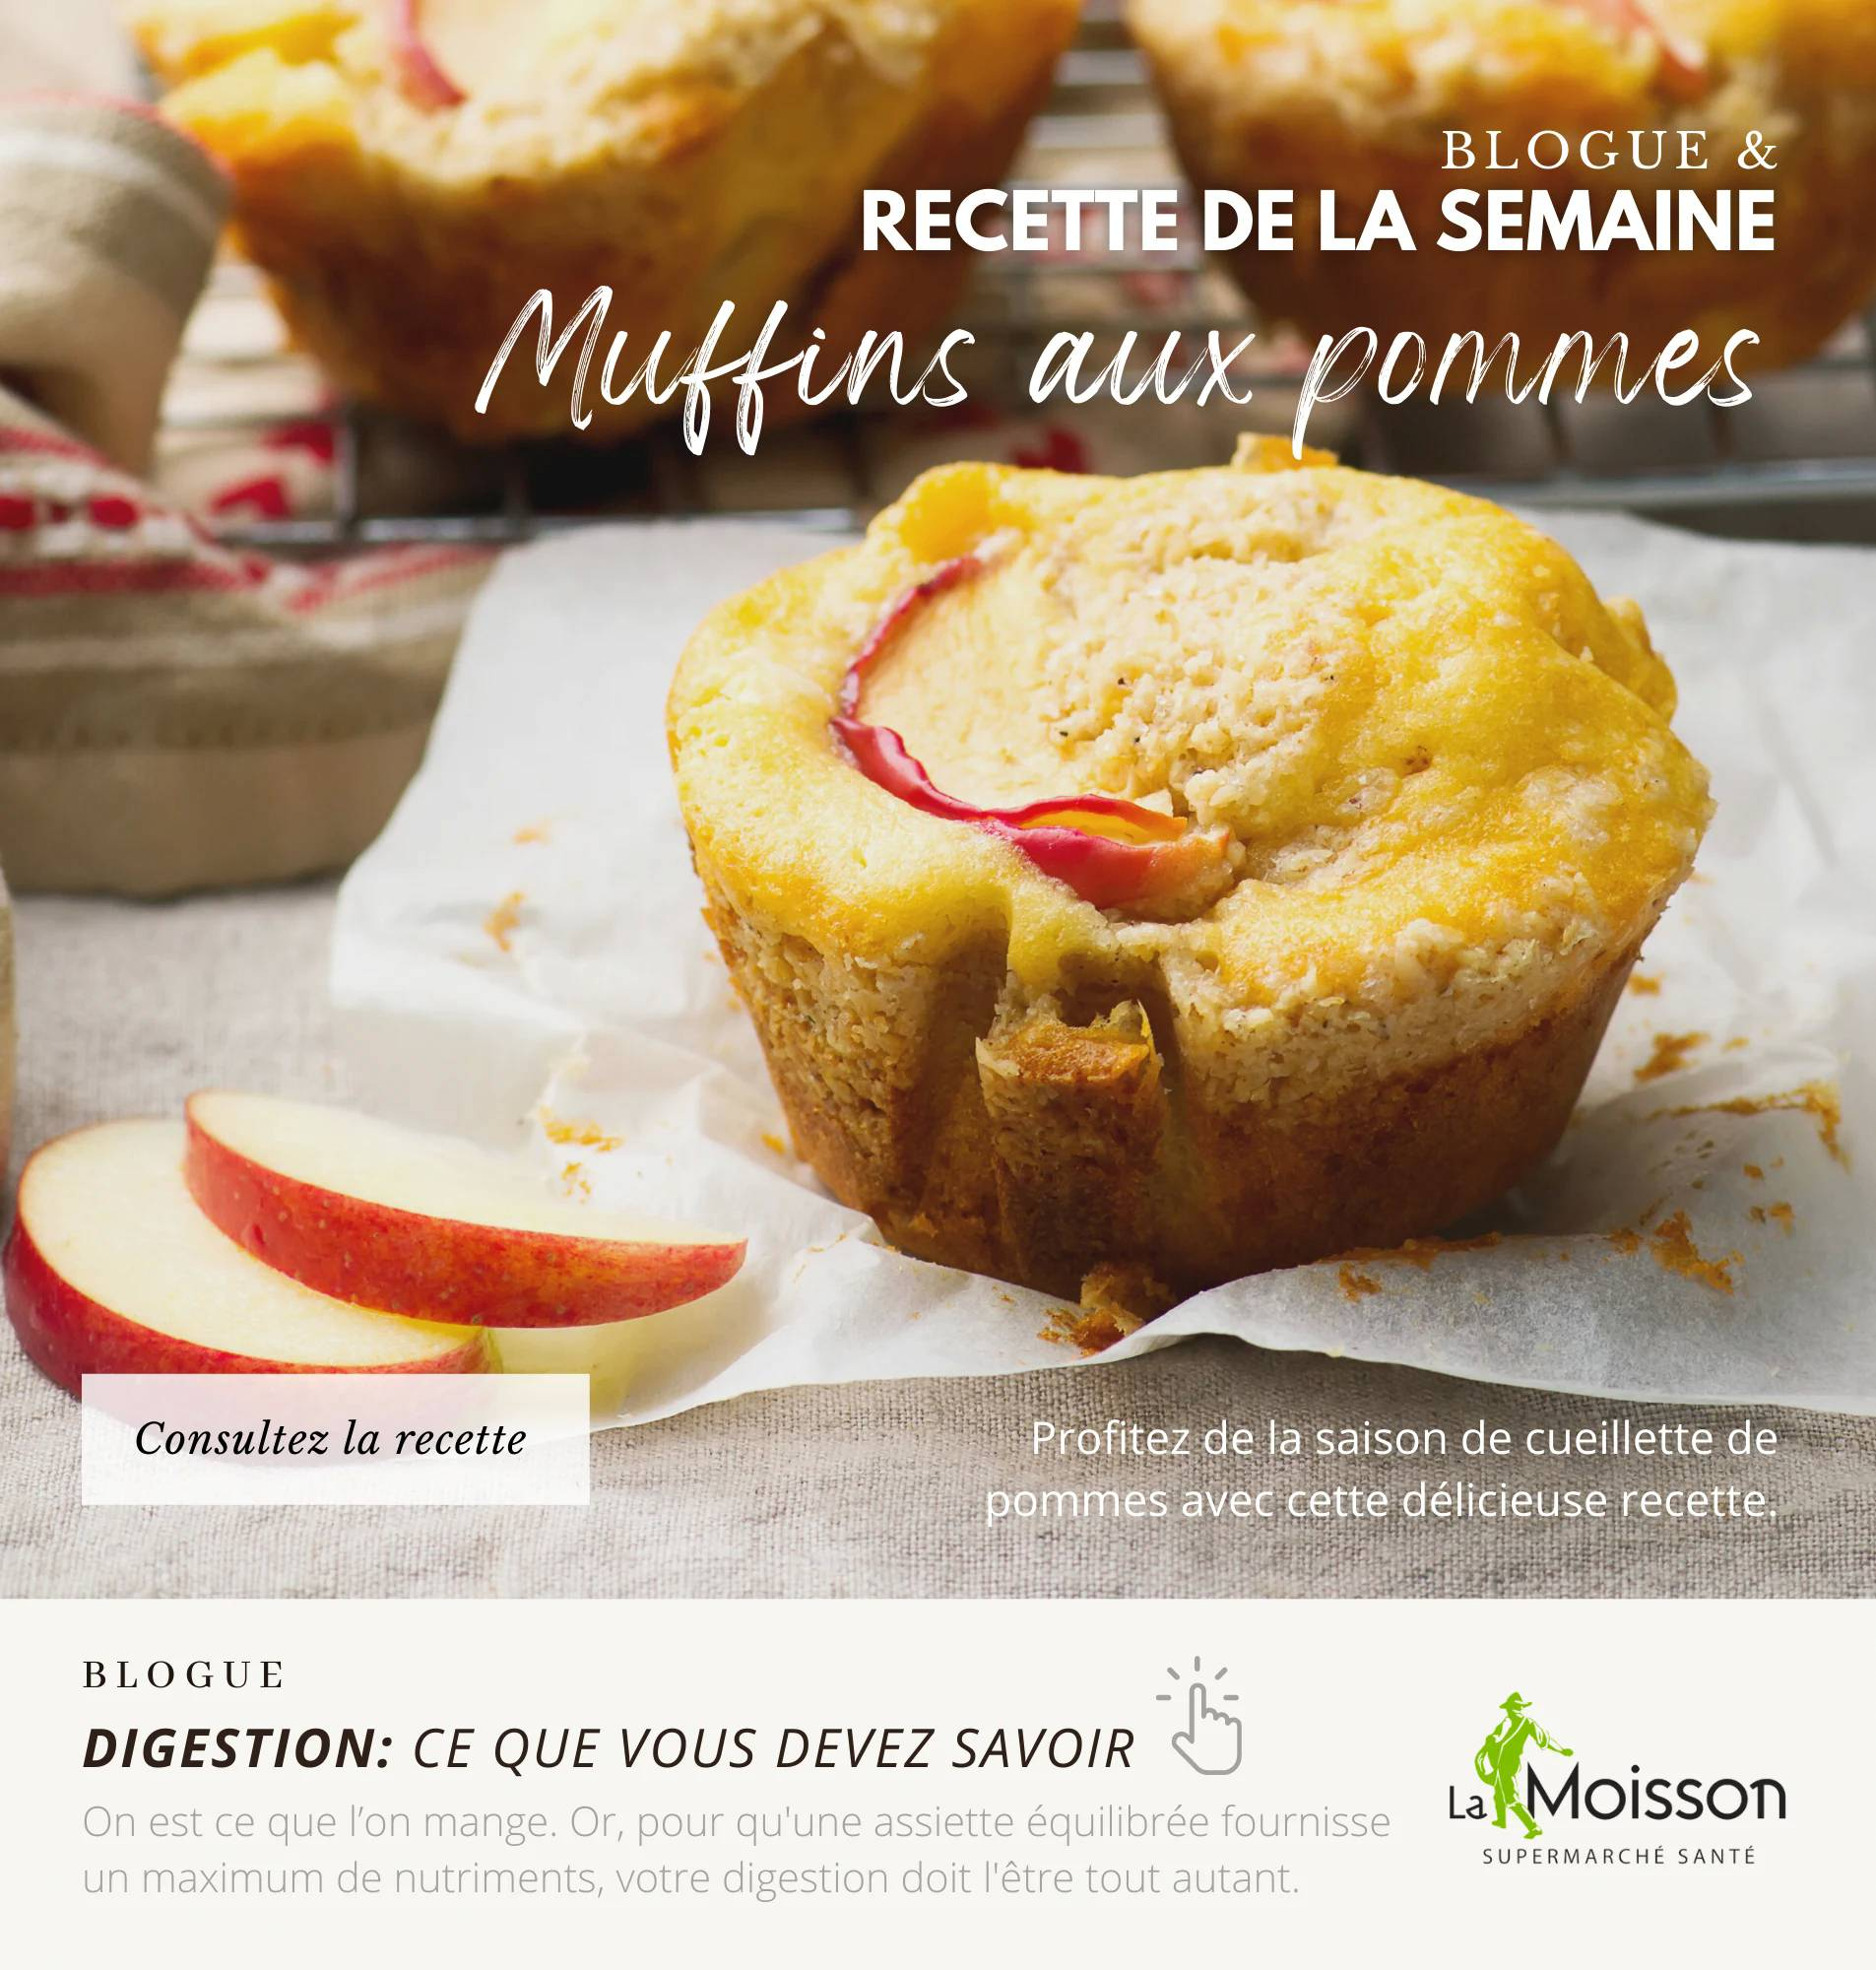 Circulaire La Moisson Supermarché Santé du 16 au 22 Septembre 2021 - Page 6